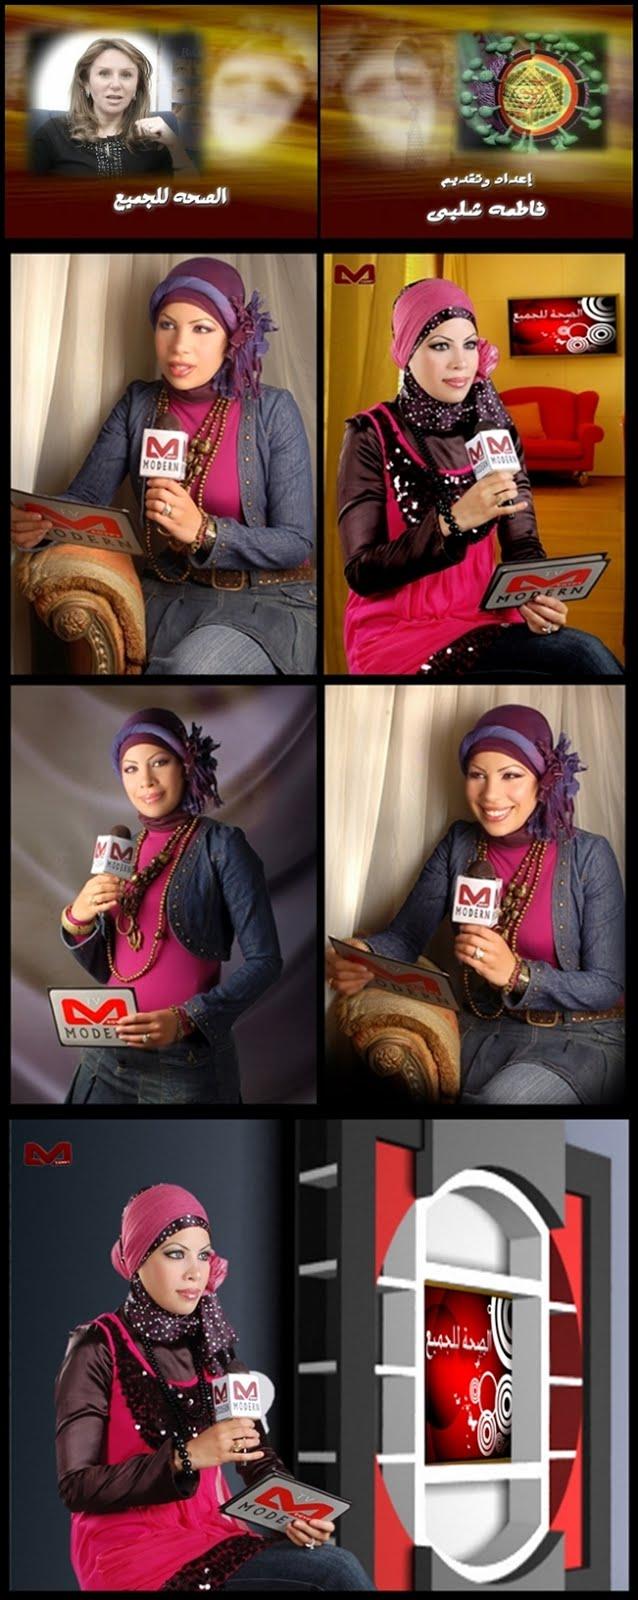 برنامج الصحة للجميع الموسم الثانى - يعرض يوميا خلال شهر رمضان 2008